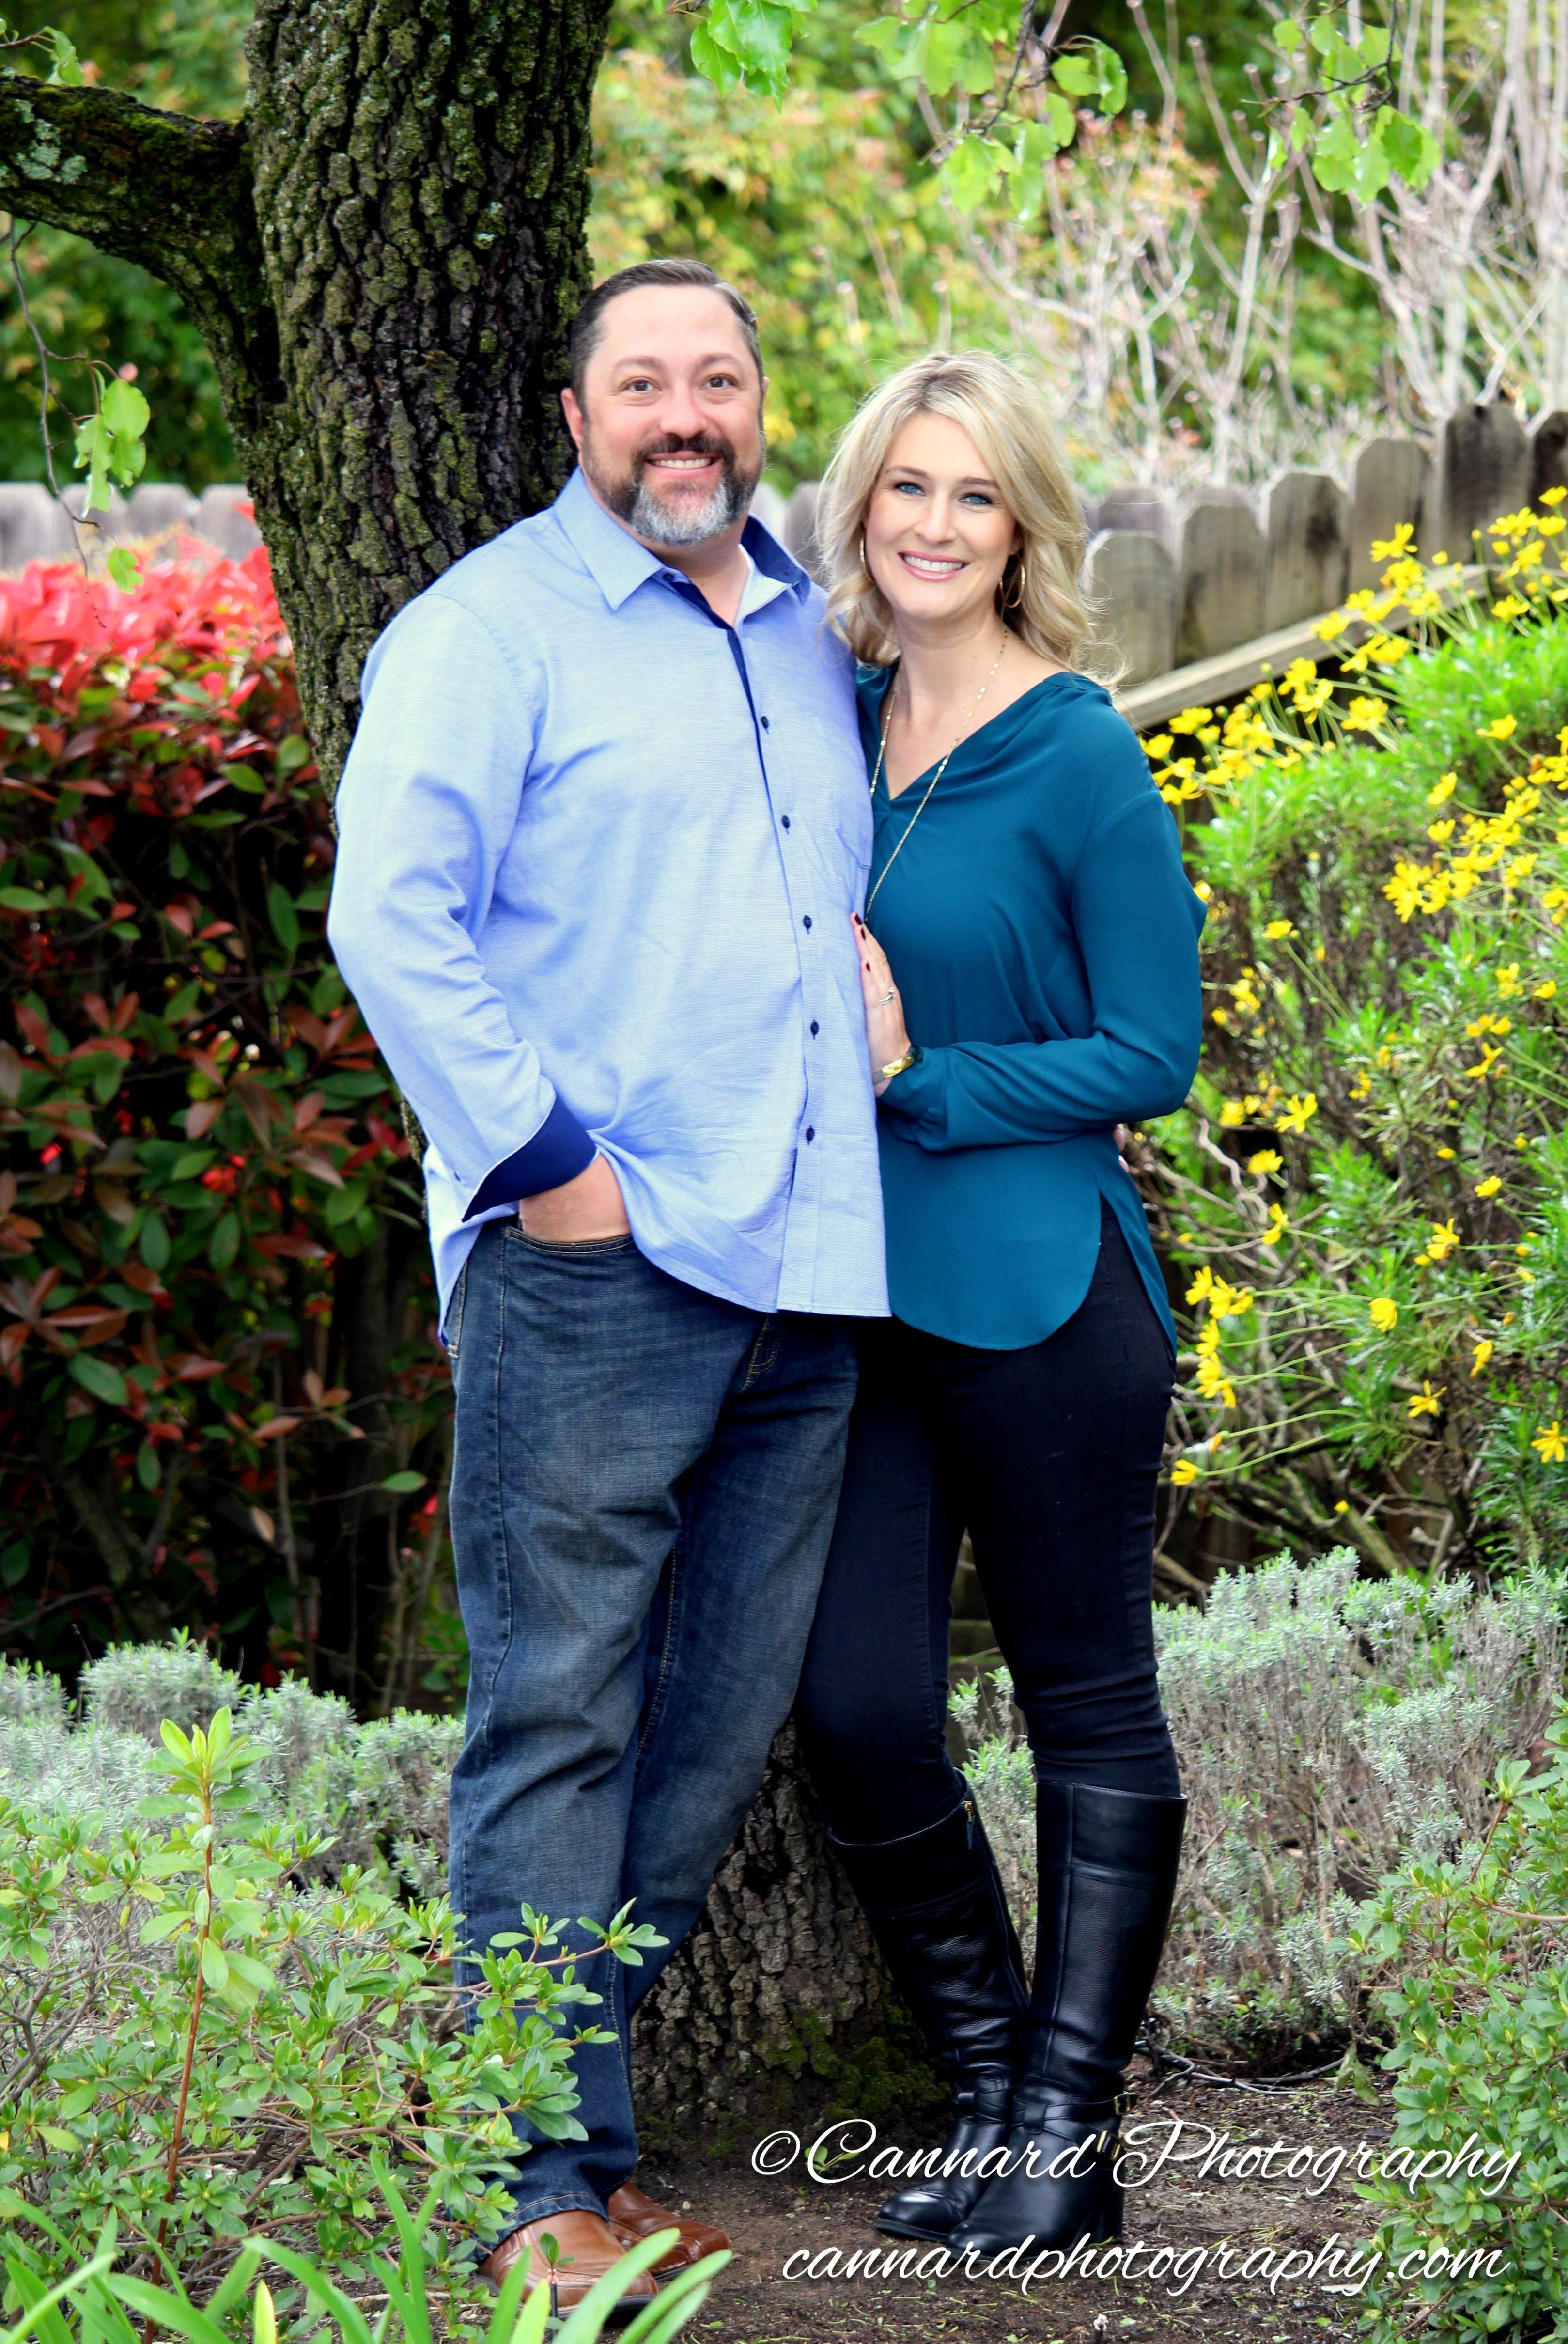 Client Photo Shoots | Couples